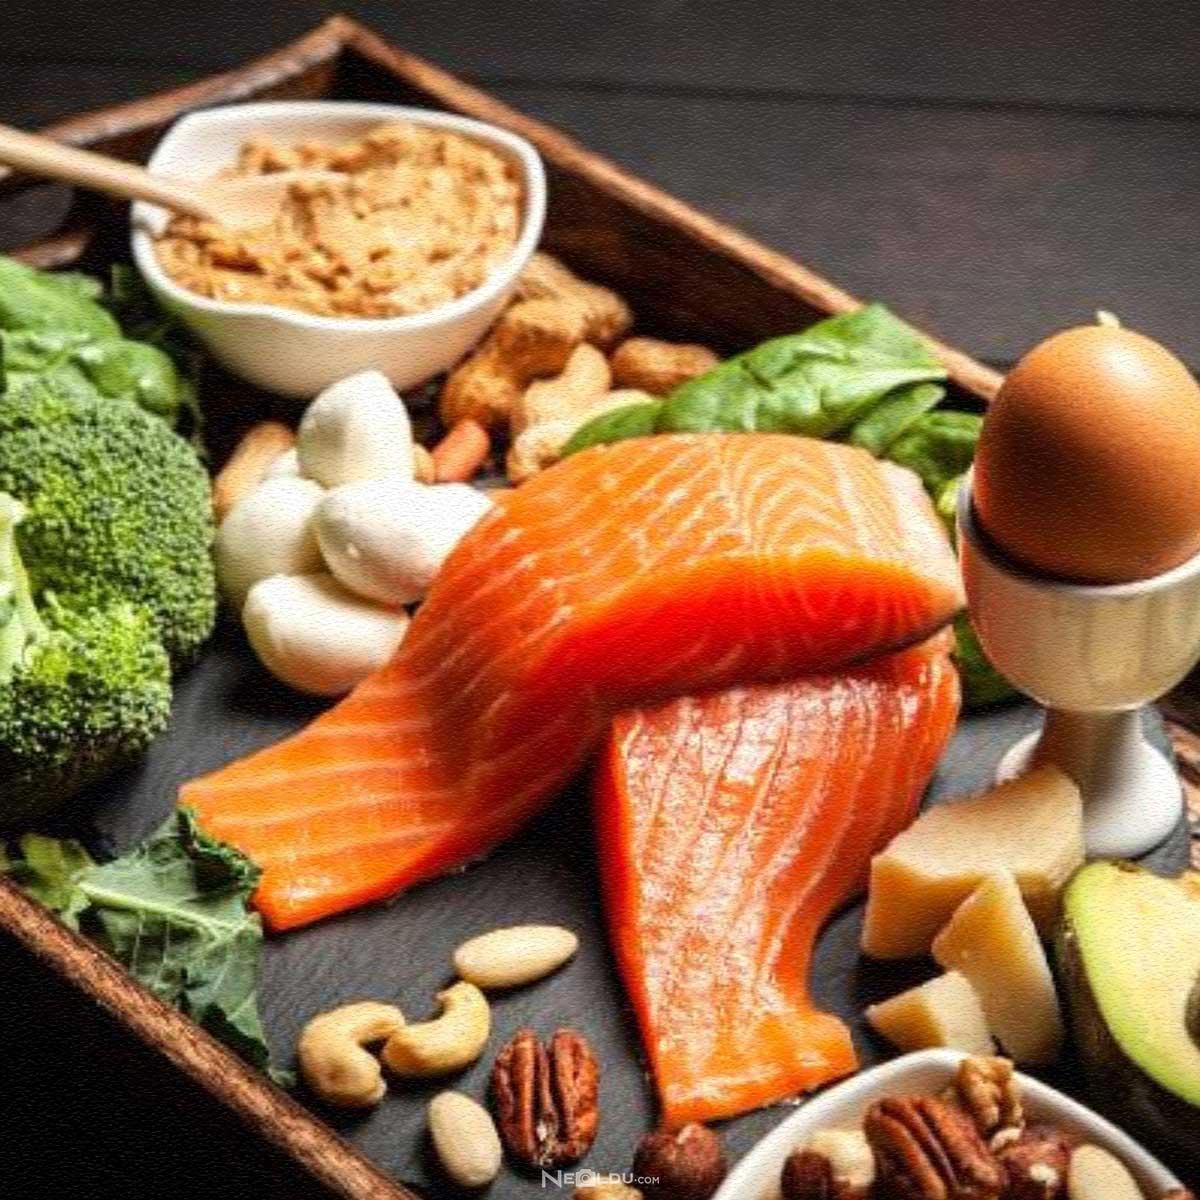 Sağlıklı ve hızlı kilo alma yolları